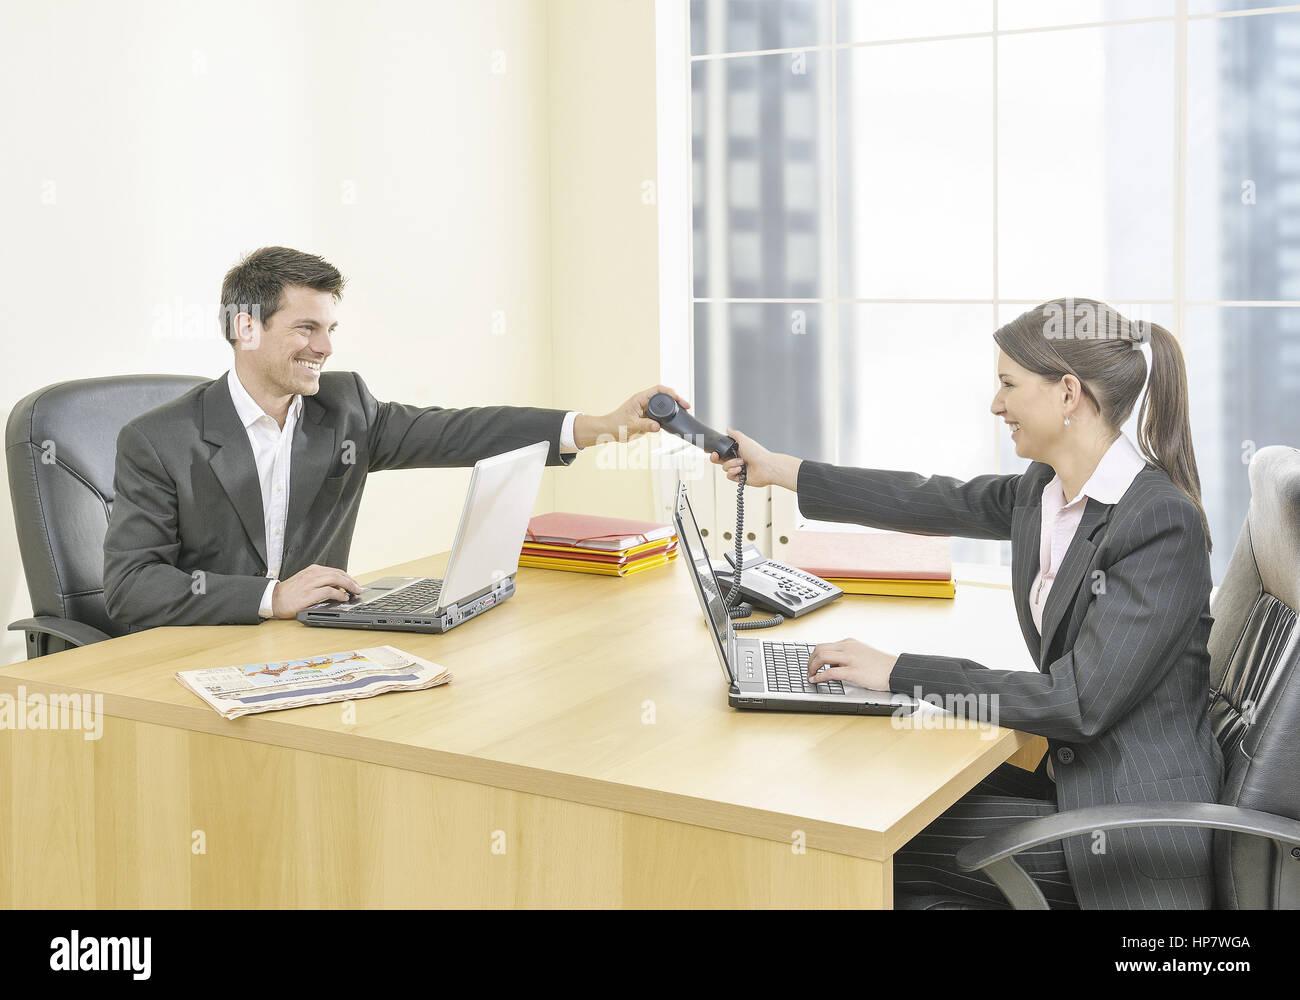 Frau und Mann im Buero, sie reicht ihm Telefonhoerer (model-released) - Stock Image